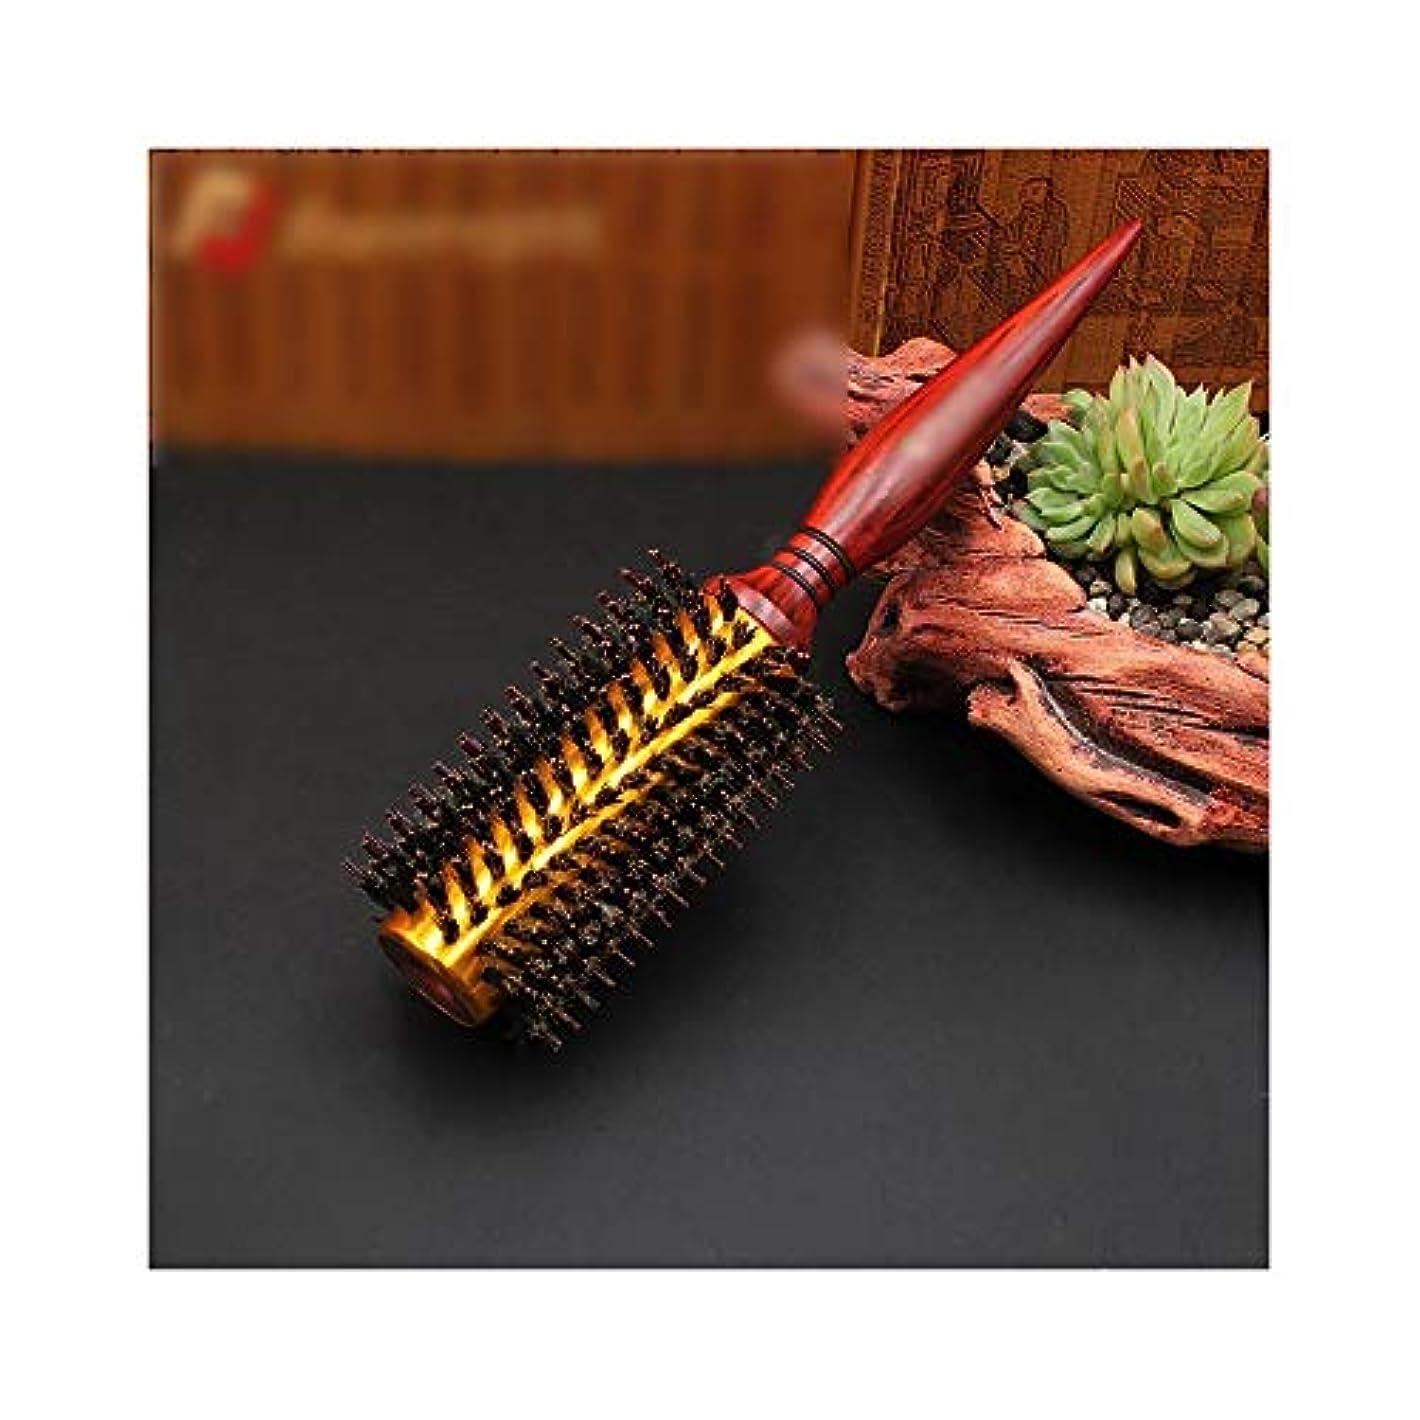 買い物に行く終了するバンガローFashian毛ラウンドスタイリングヘアブラシ - すべてのヘアスタイルのためにロールヘアブラシ ヘアケア (サイズ : 16 rows)